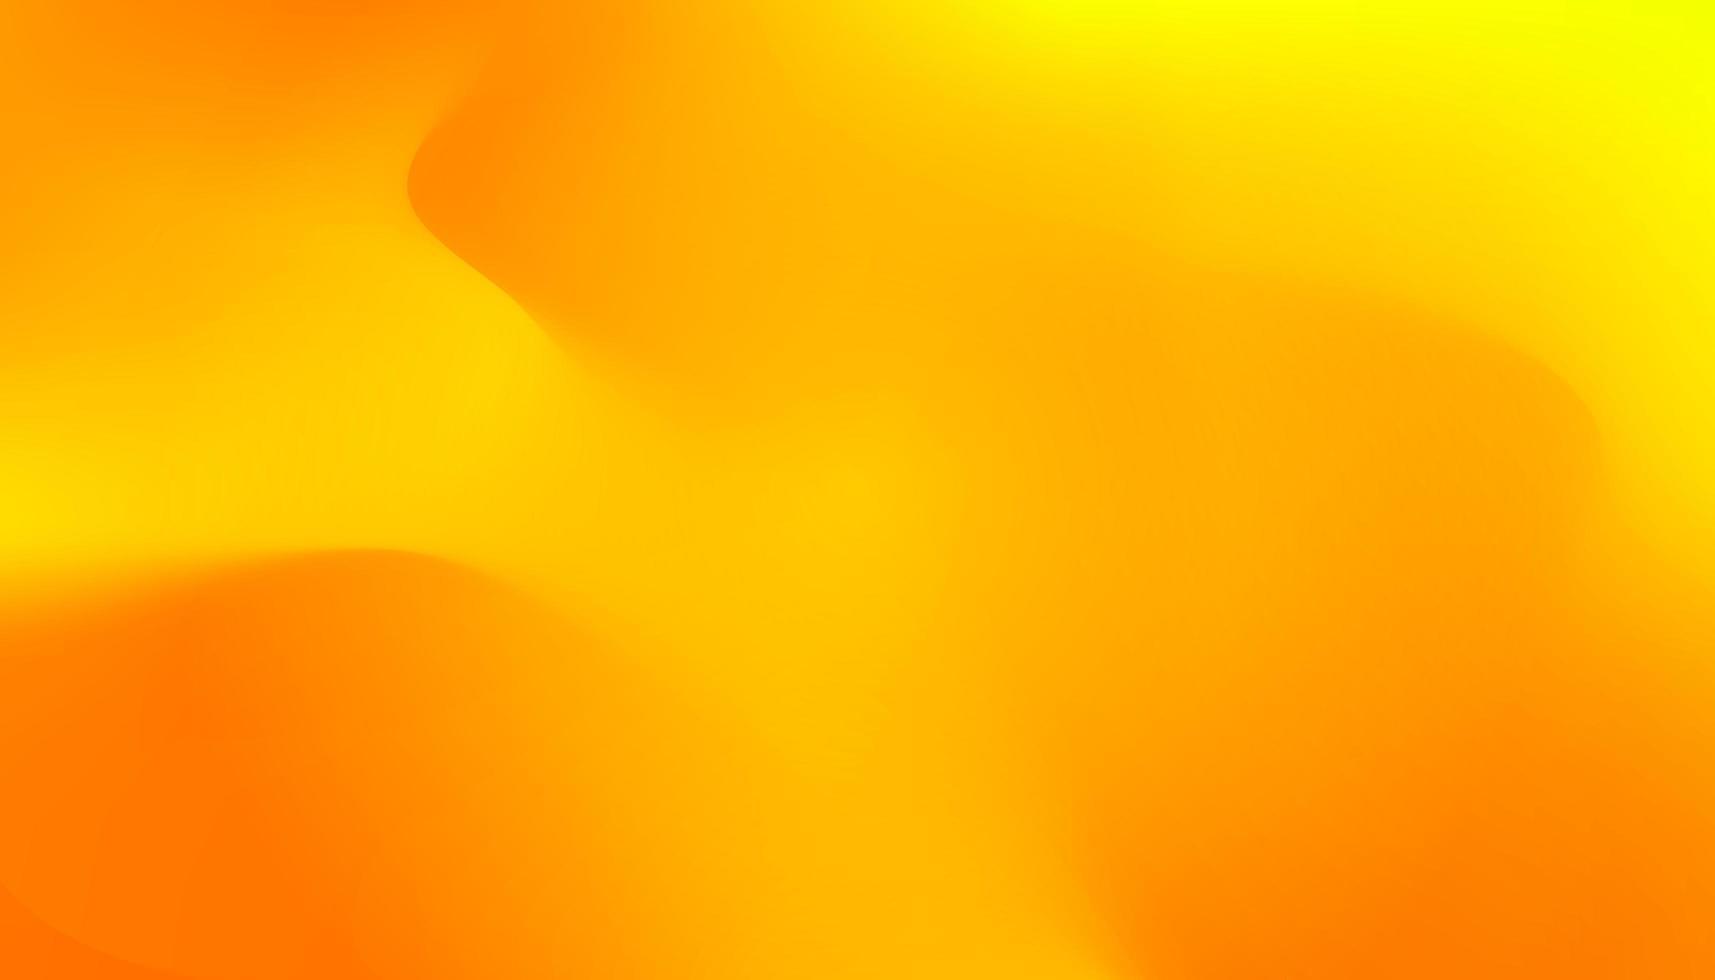 banner degradado ondulado naranja jugoso. Fondo abstracto líquido dinámico de colores cálidos y frescos. papel pintado de malla de oro vector